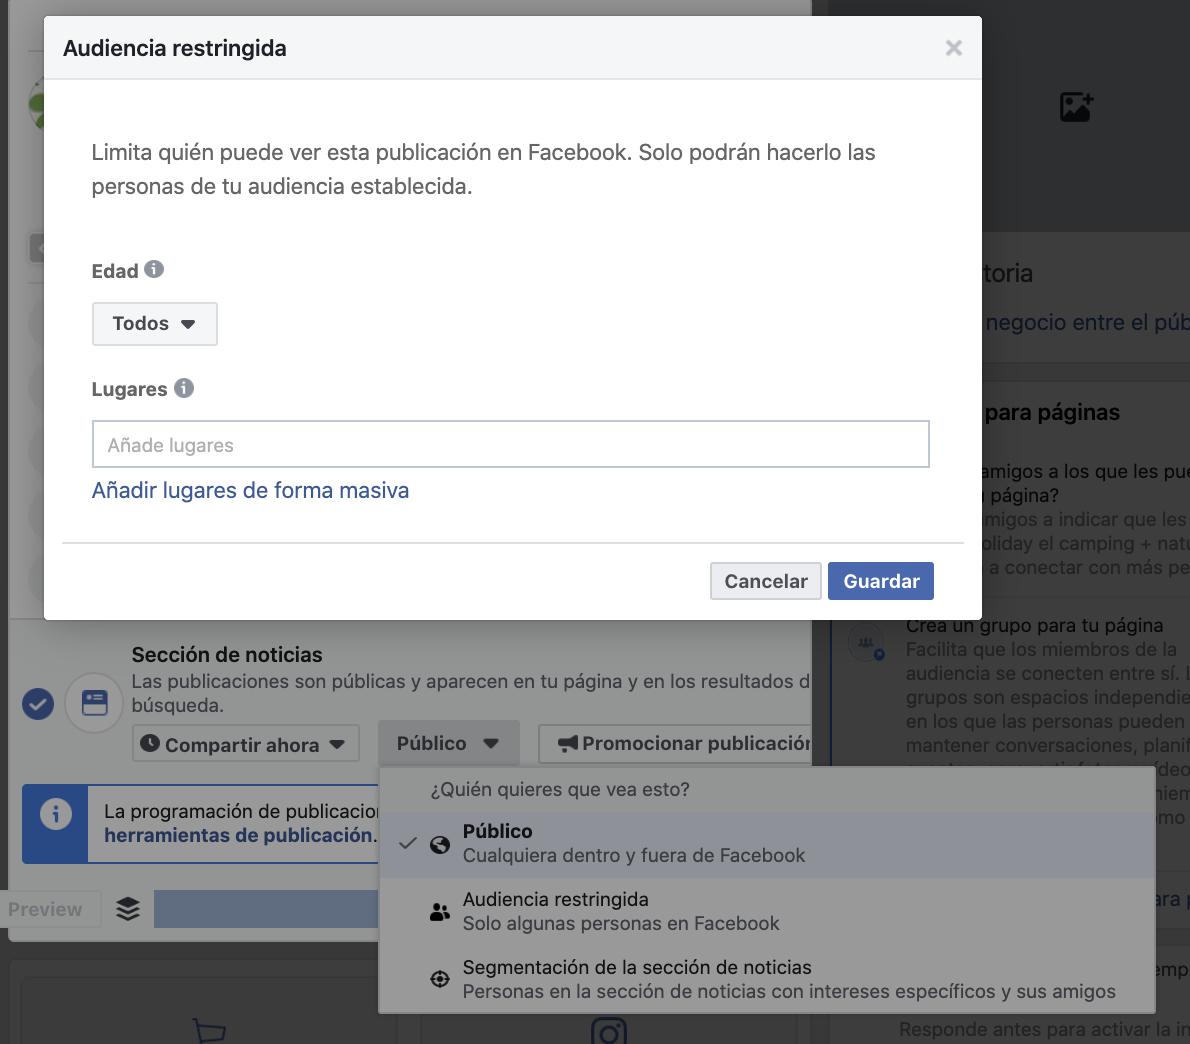 adaptar las publicaciones de Facebook